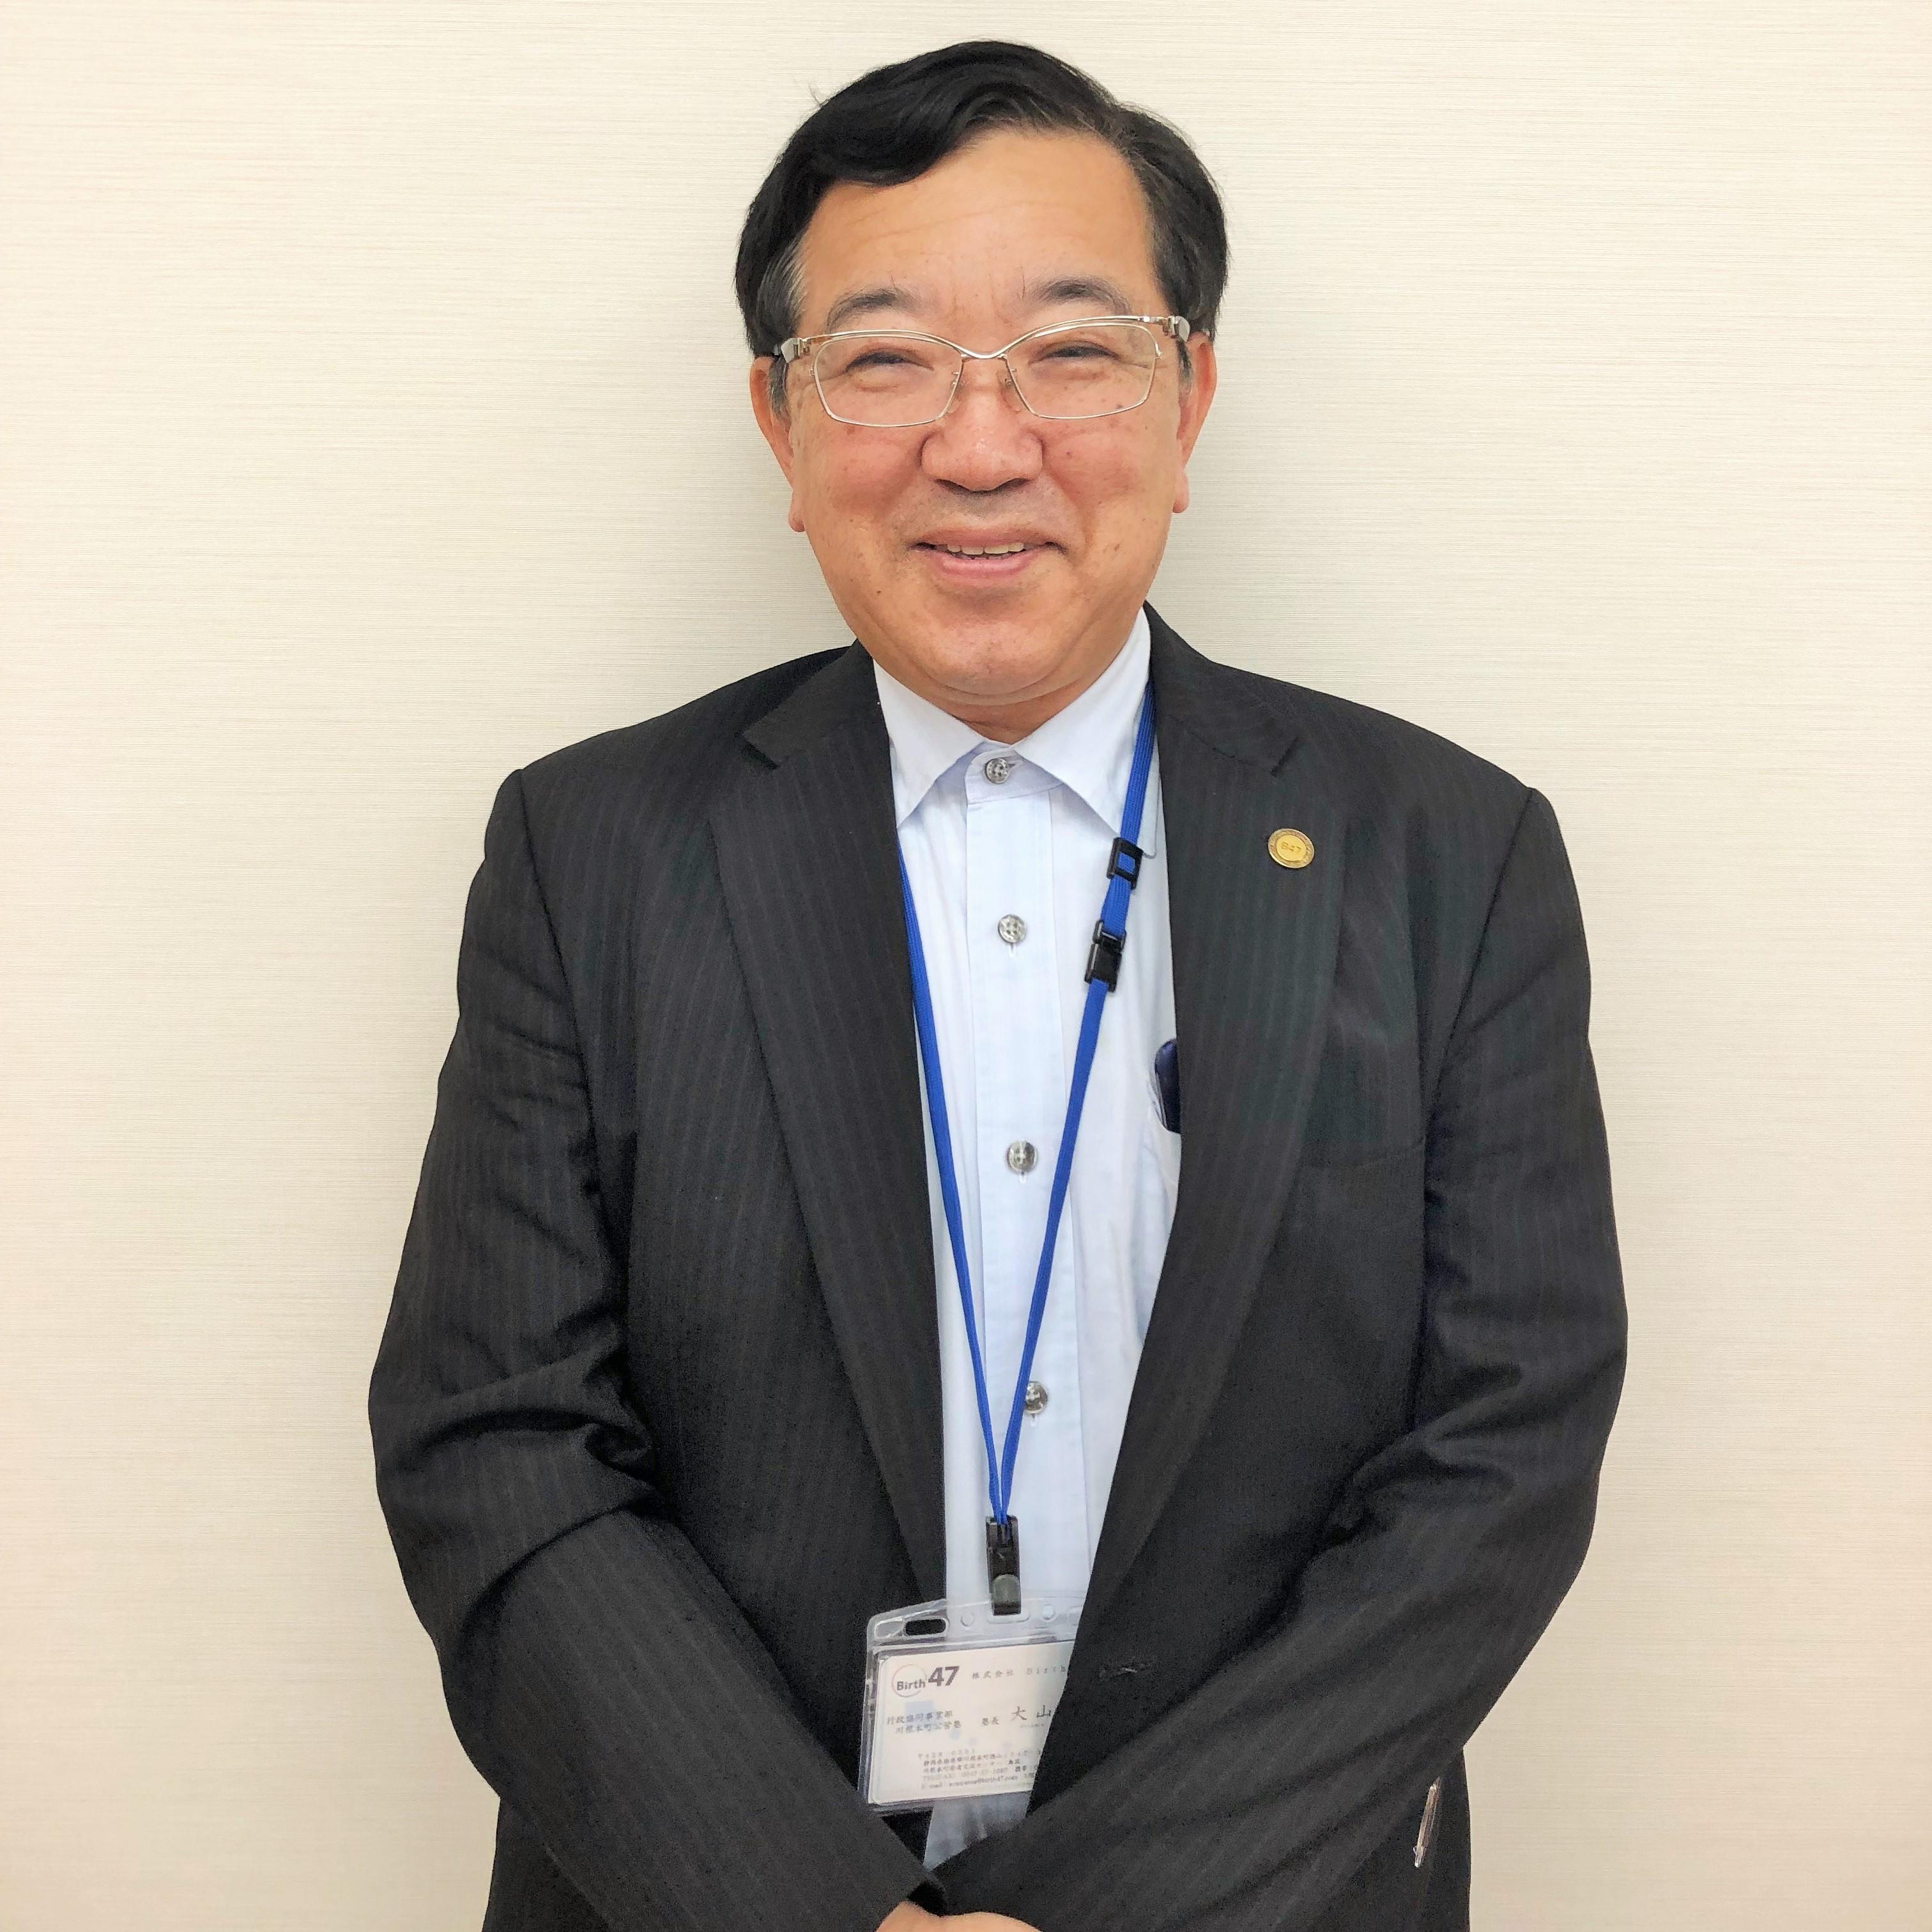 Atsuhito Oyama